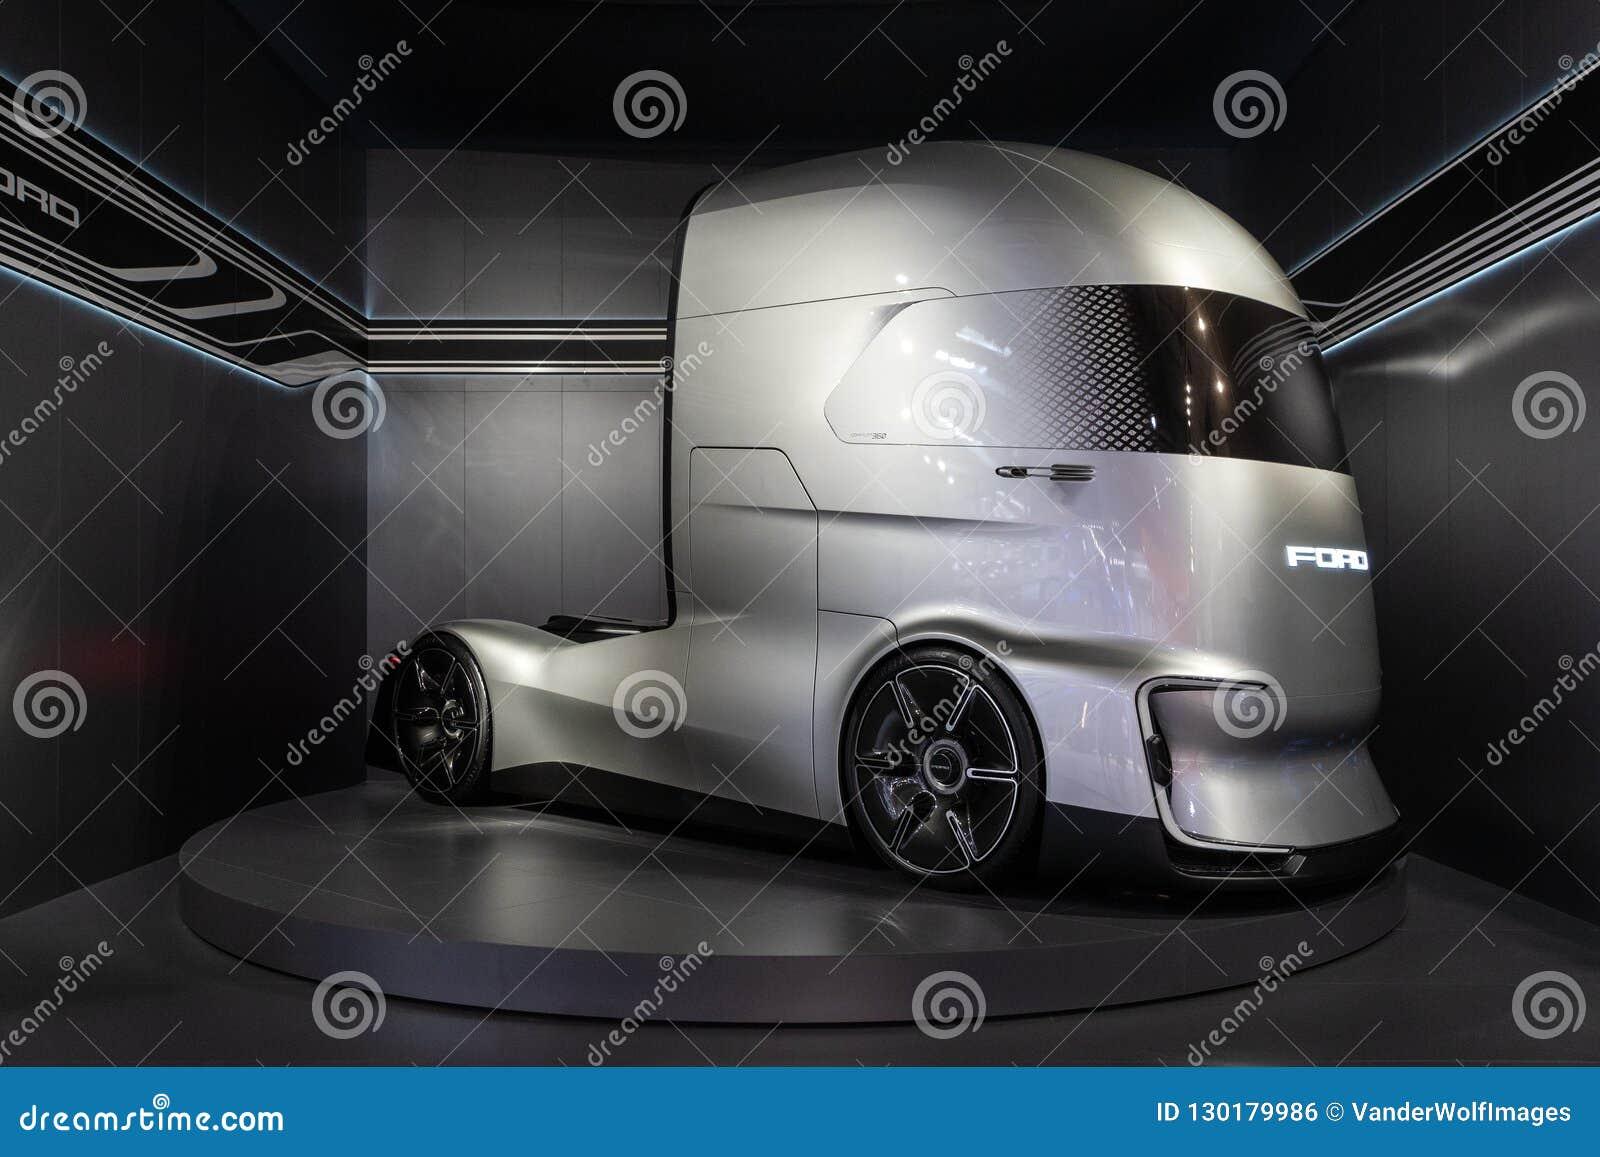 Ford-F-Visions-Zukunft-LKW, elektrisch und autonom,